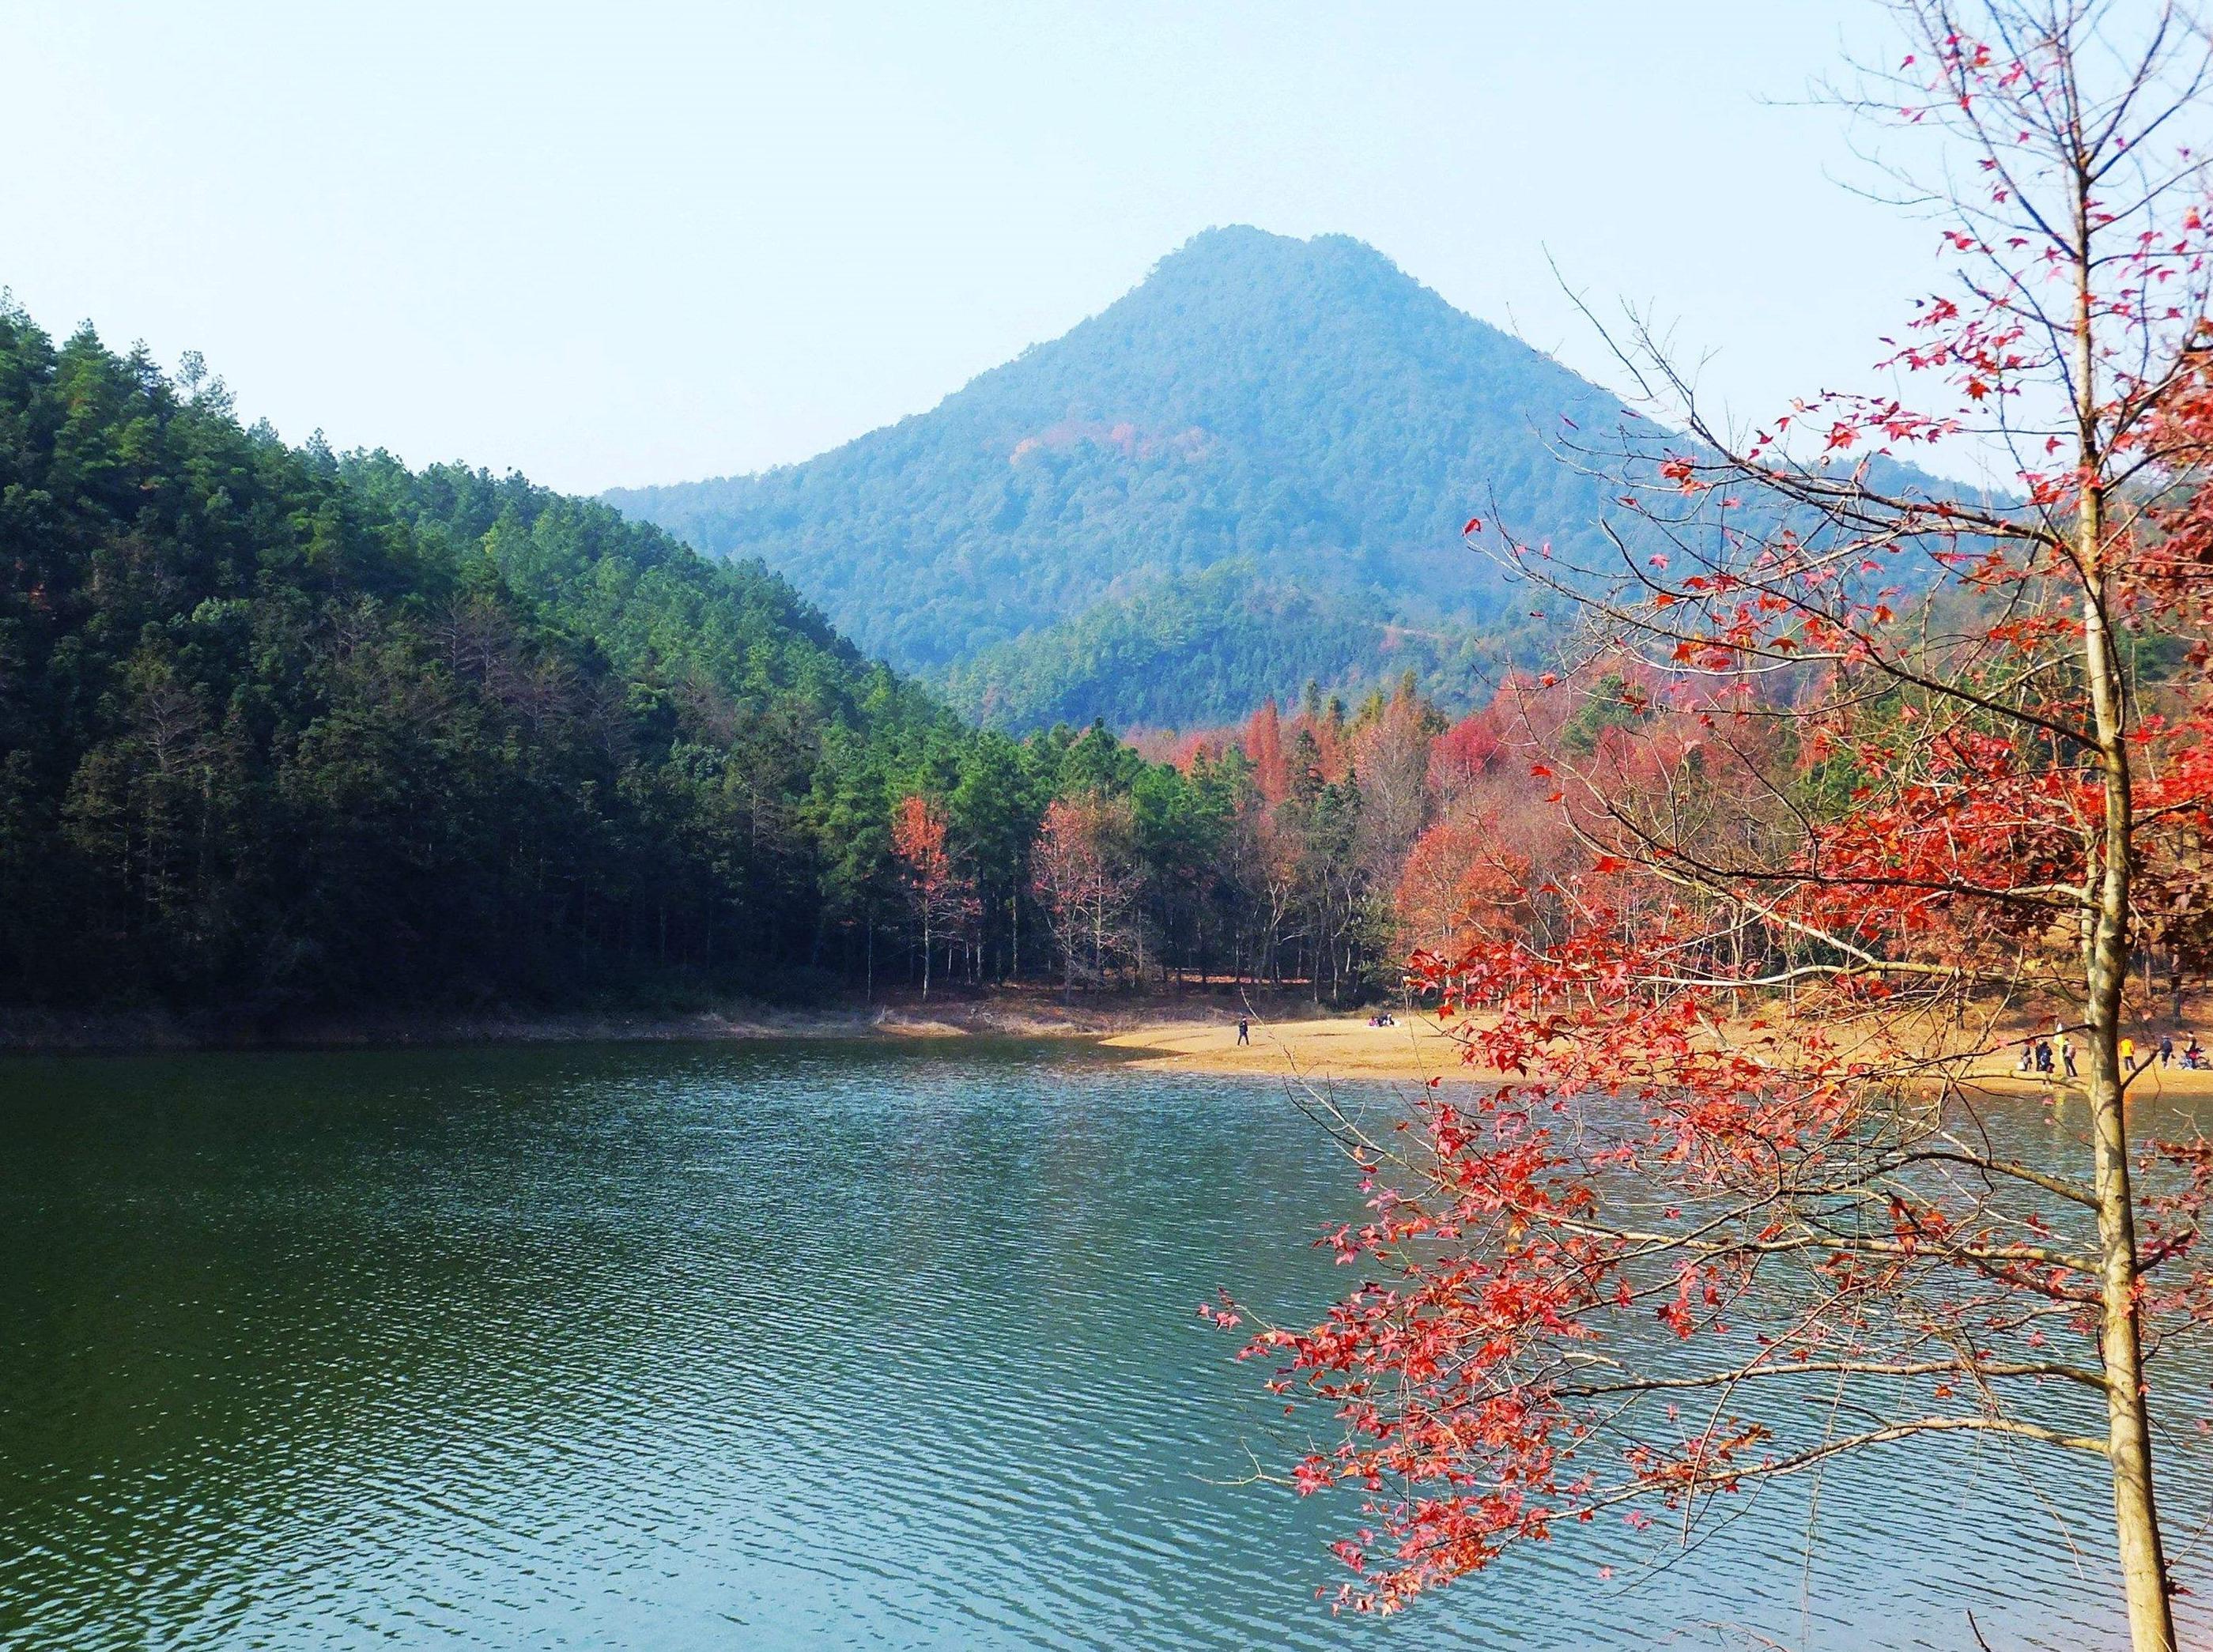 11.26周日 大禹谷娘娘山南湖芦苇荡